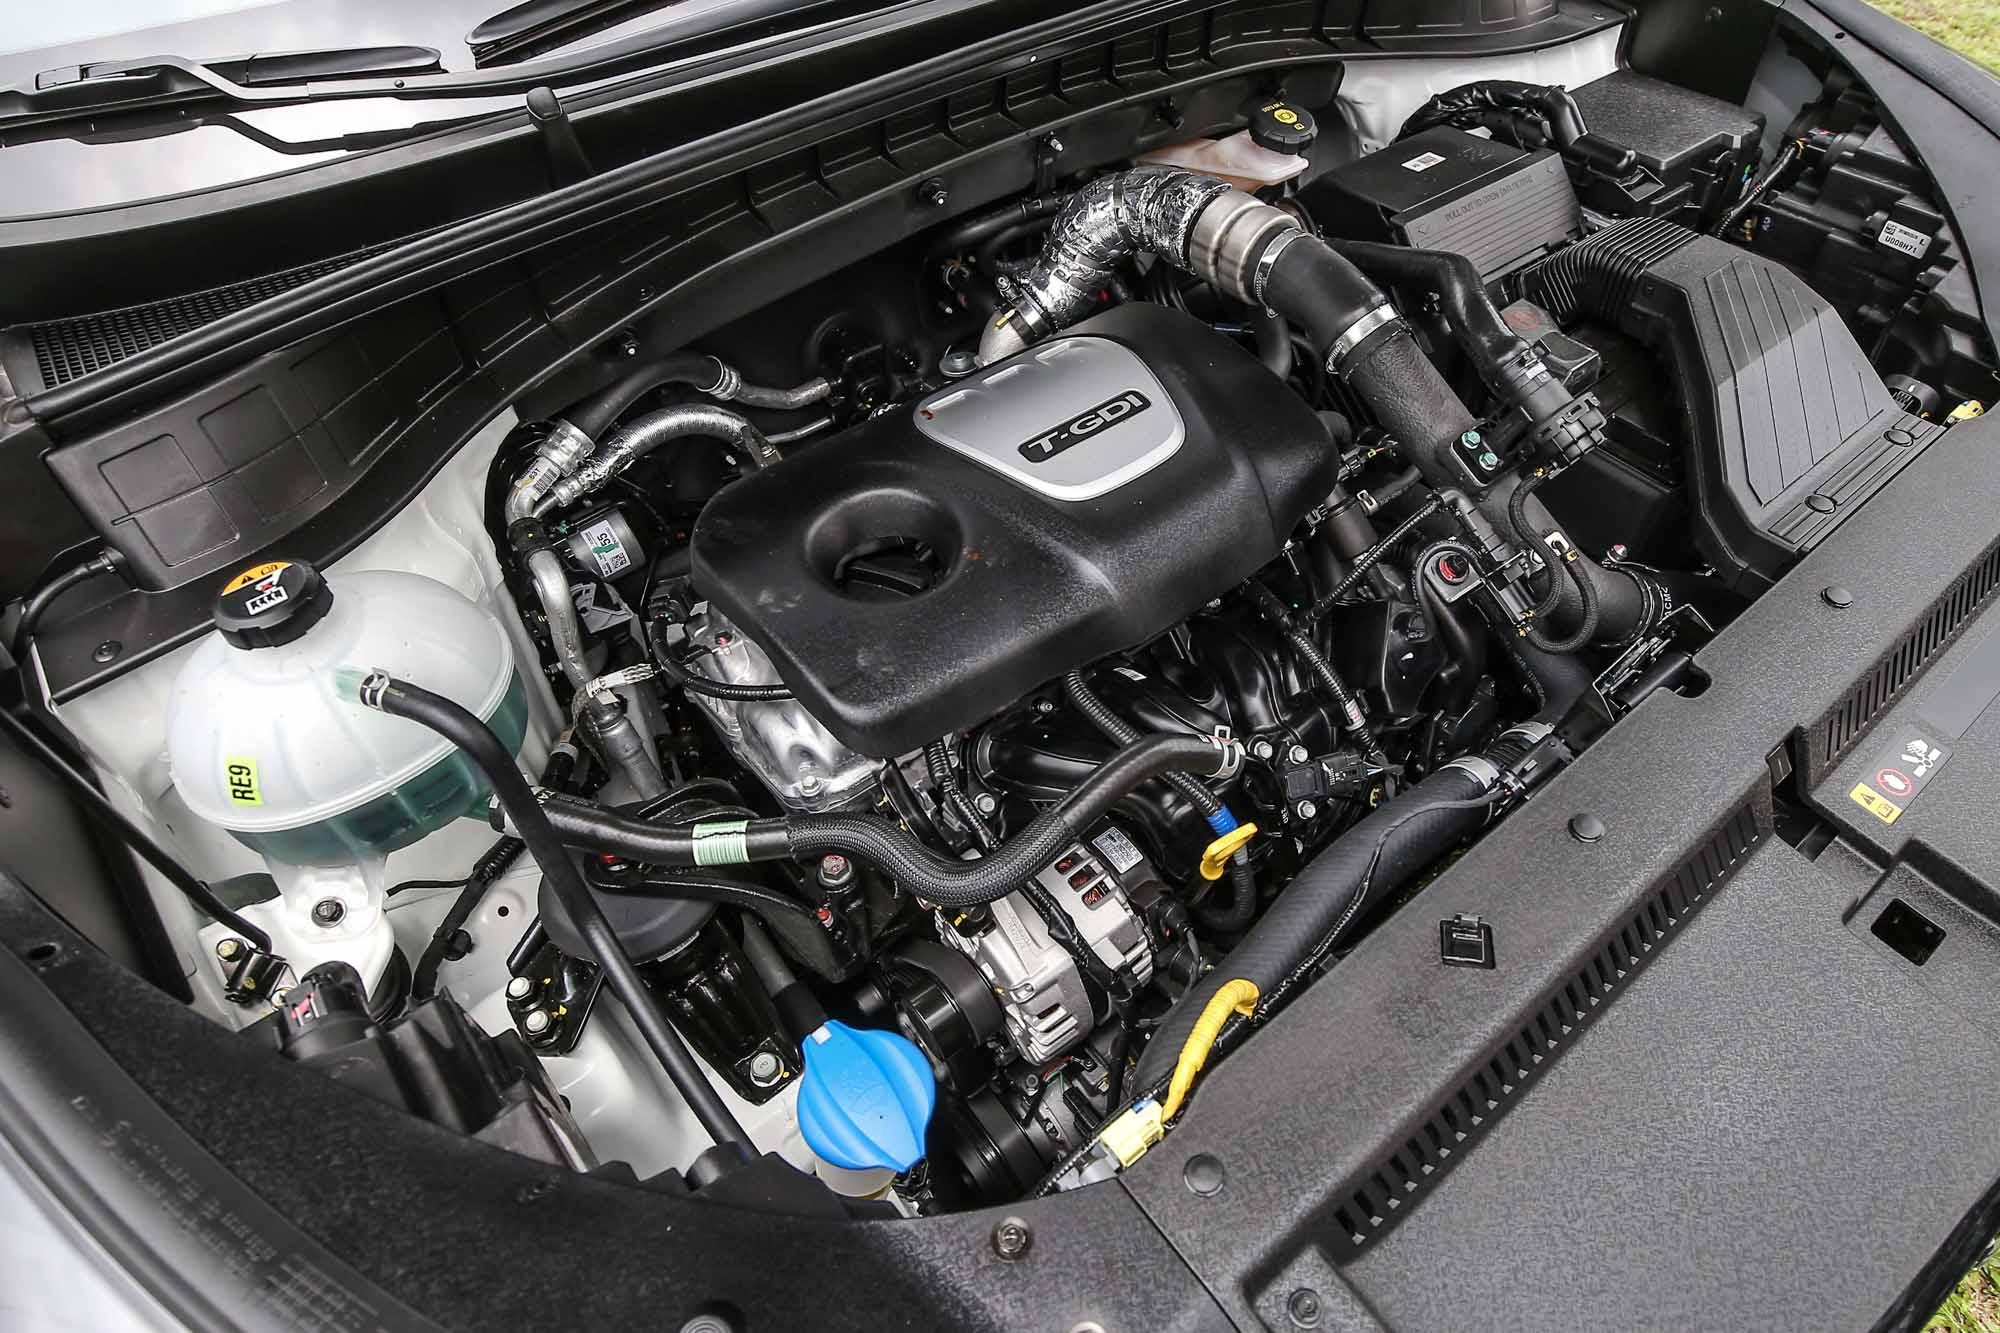 Tucson 汽油車款搭載 1.6 升渦輪增壓汽油引擎,並透過缸內直噴技術的加持,具備 177ps/5500rpm 最大馬力與 27kgm/1500~4500rpm 最大扭力輸出。